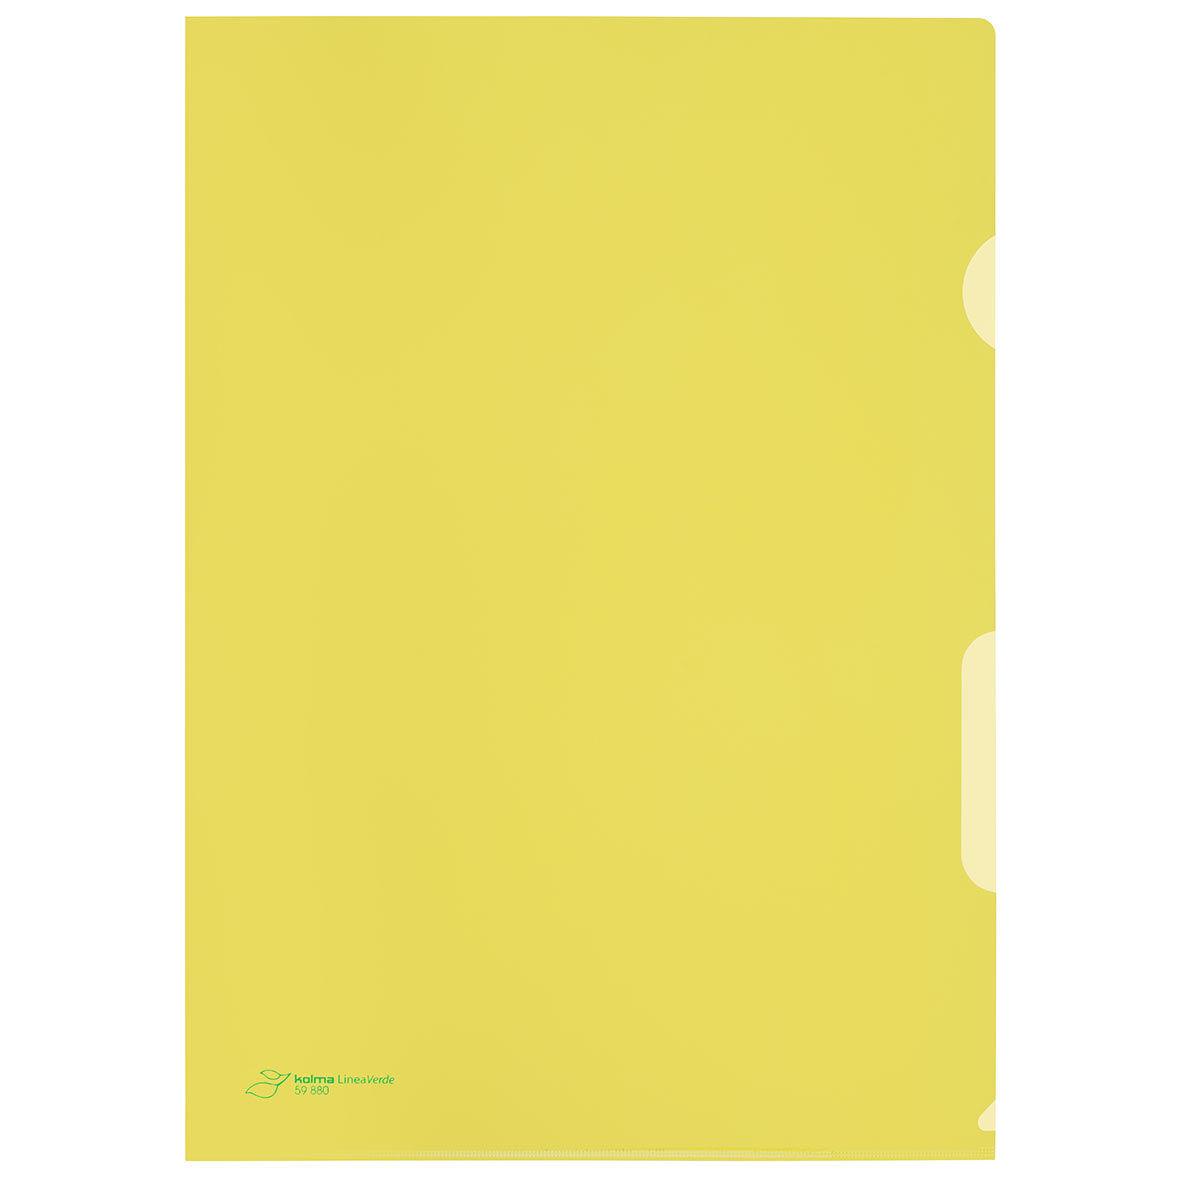 sichtmappe gelb 10 stueck kolma